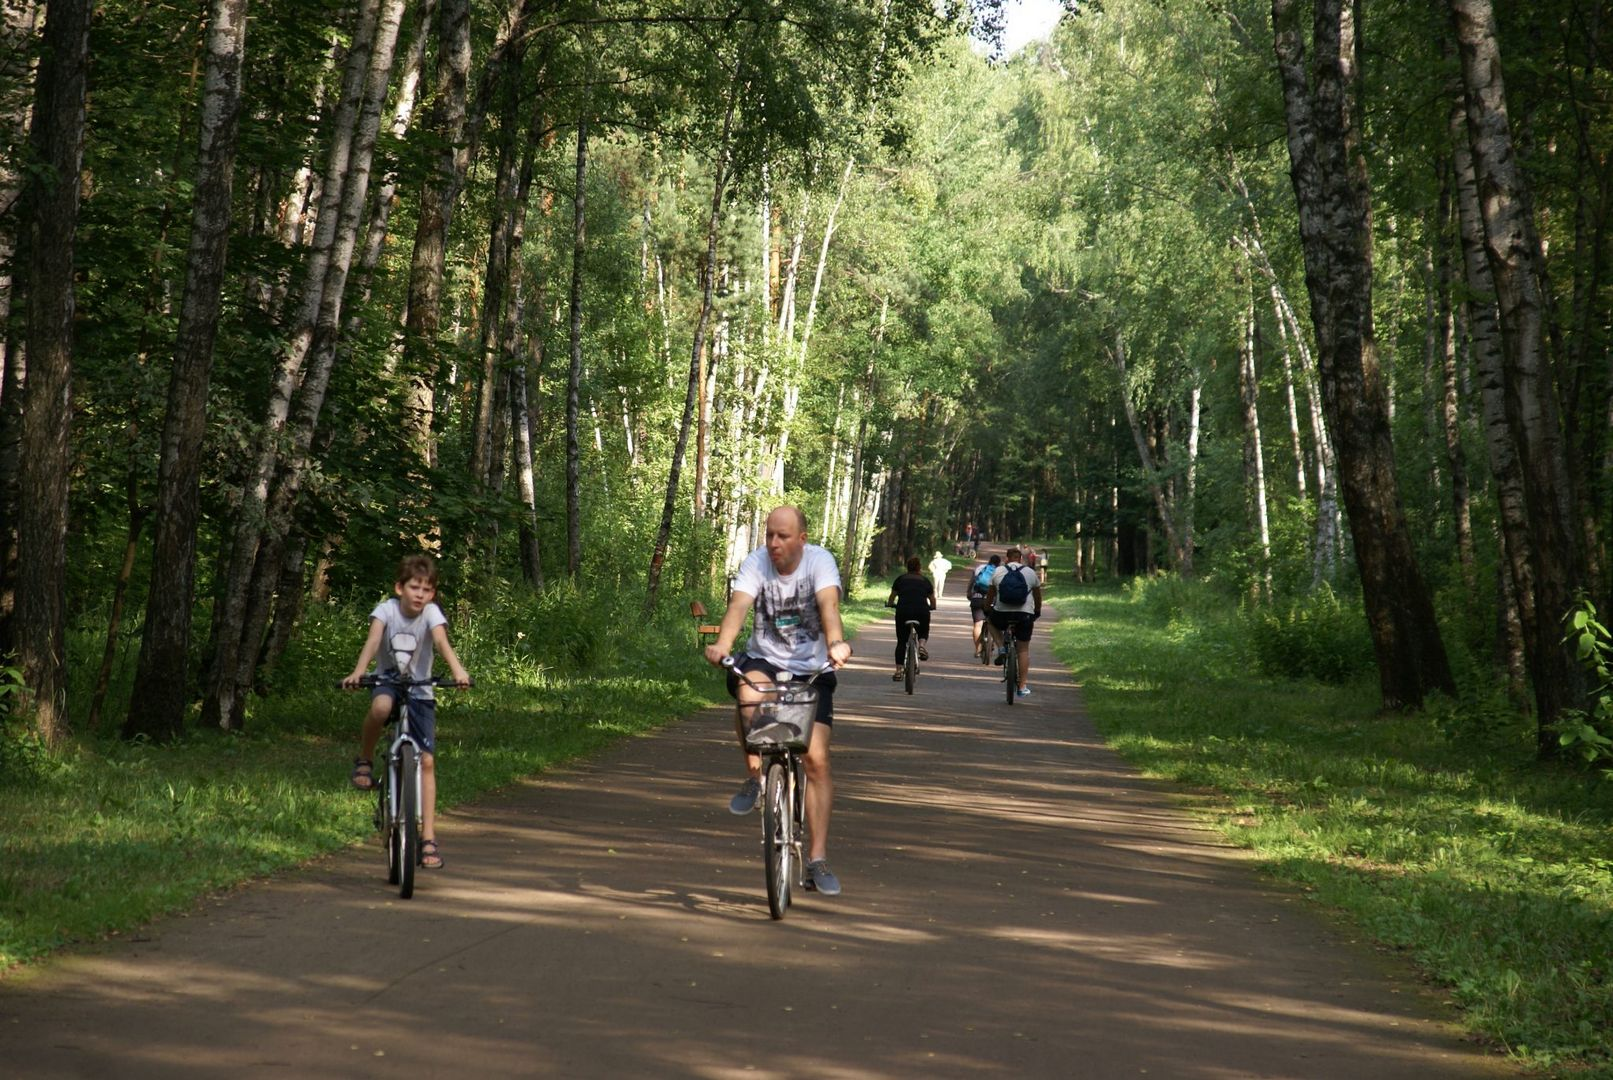 Организация велосипедных маршрутов в городских парках